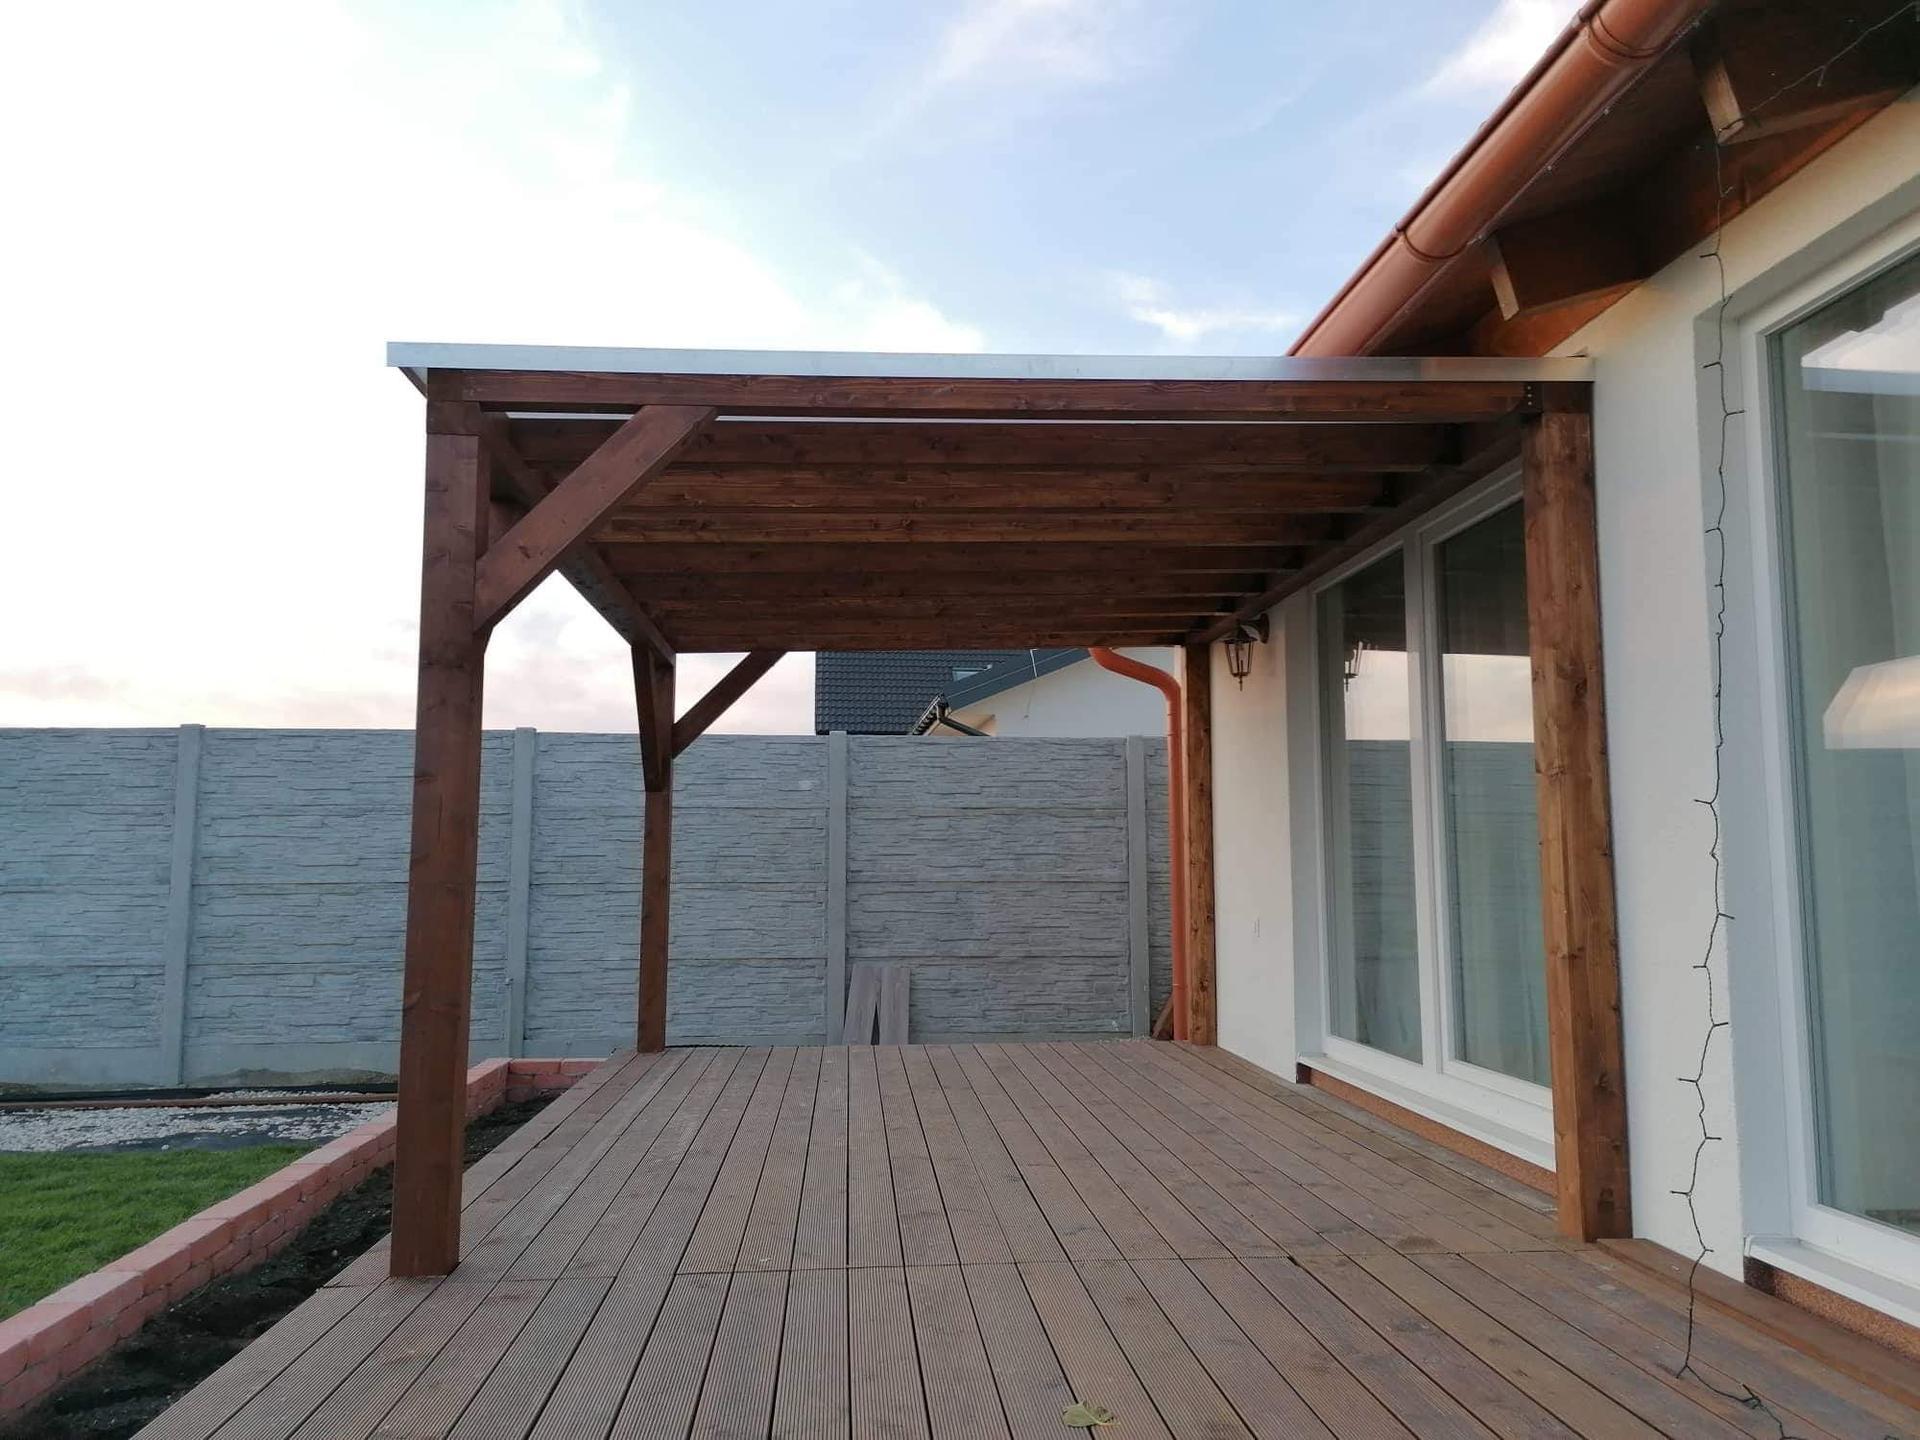 Stilo - Zastrešenie časti terasy. Maximálna spokojnosť s firmou Pergoland. Dobrá cena, kvalita, spoľahlivosť a profesionálny prístup